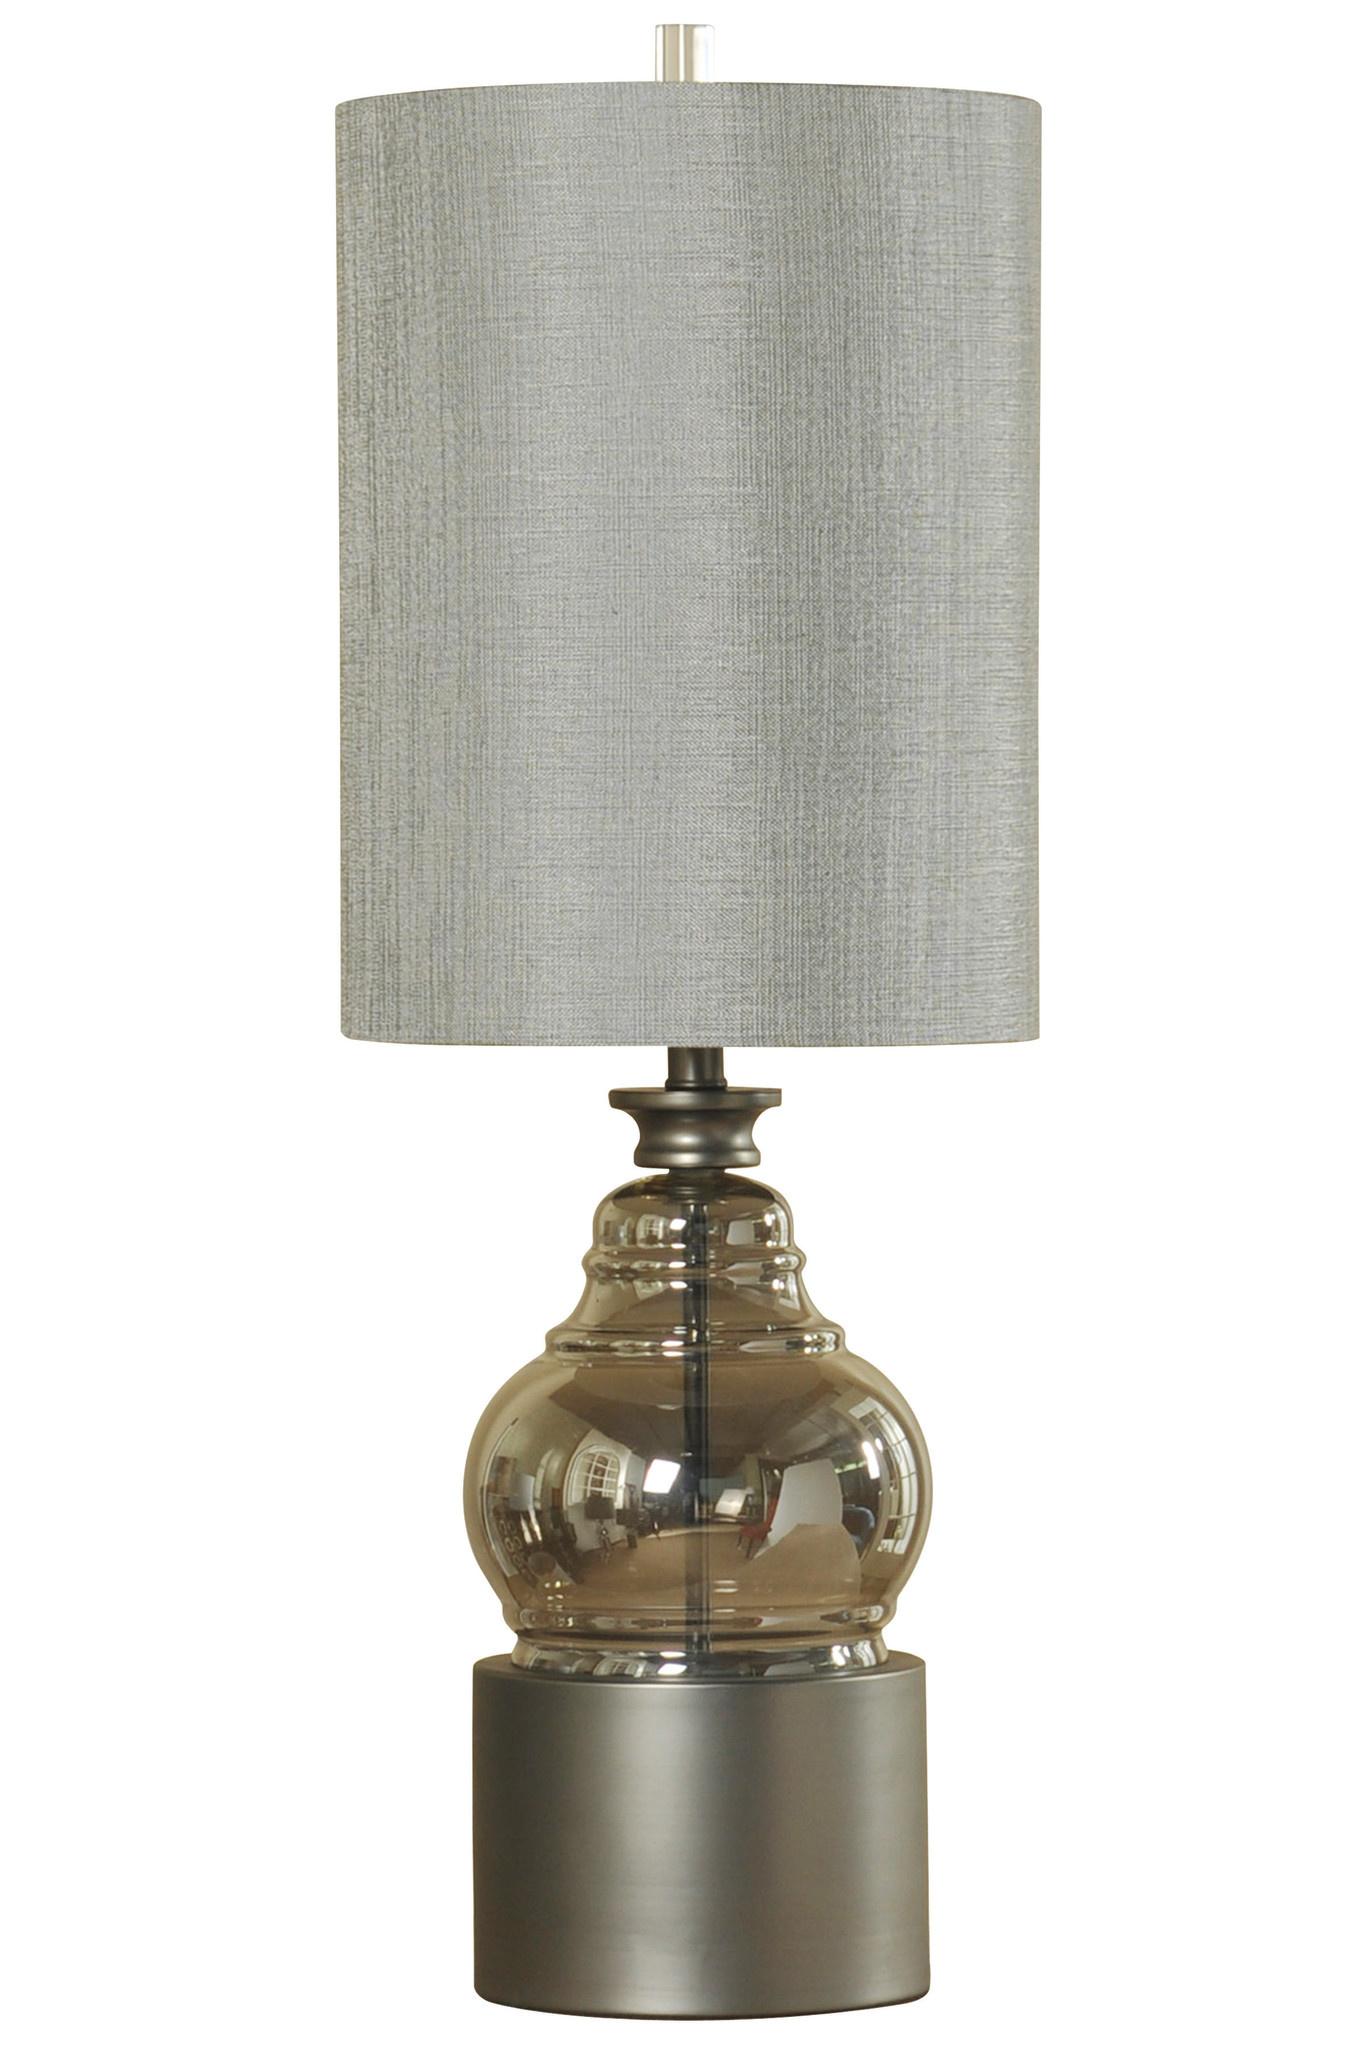 CORDOBA LAMP